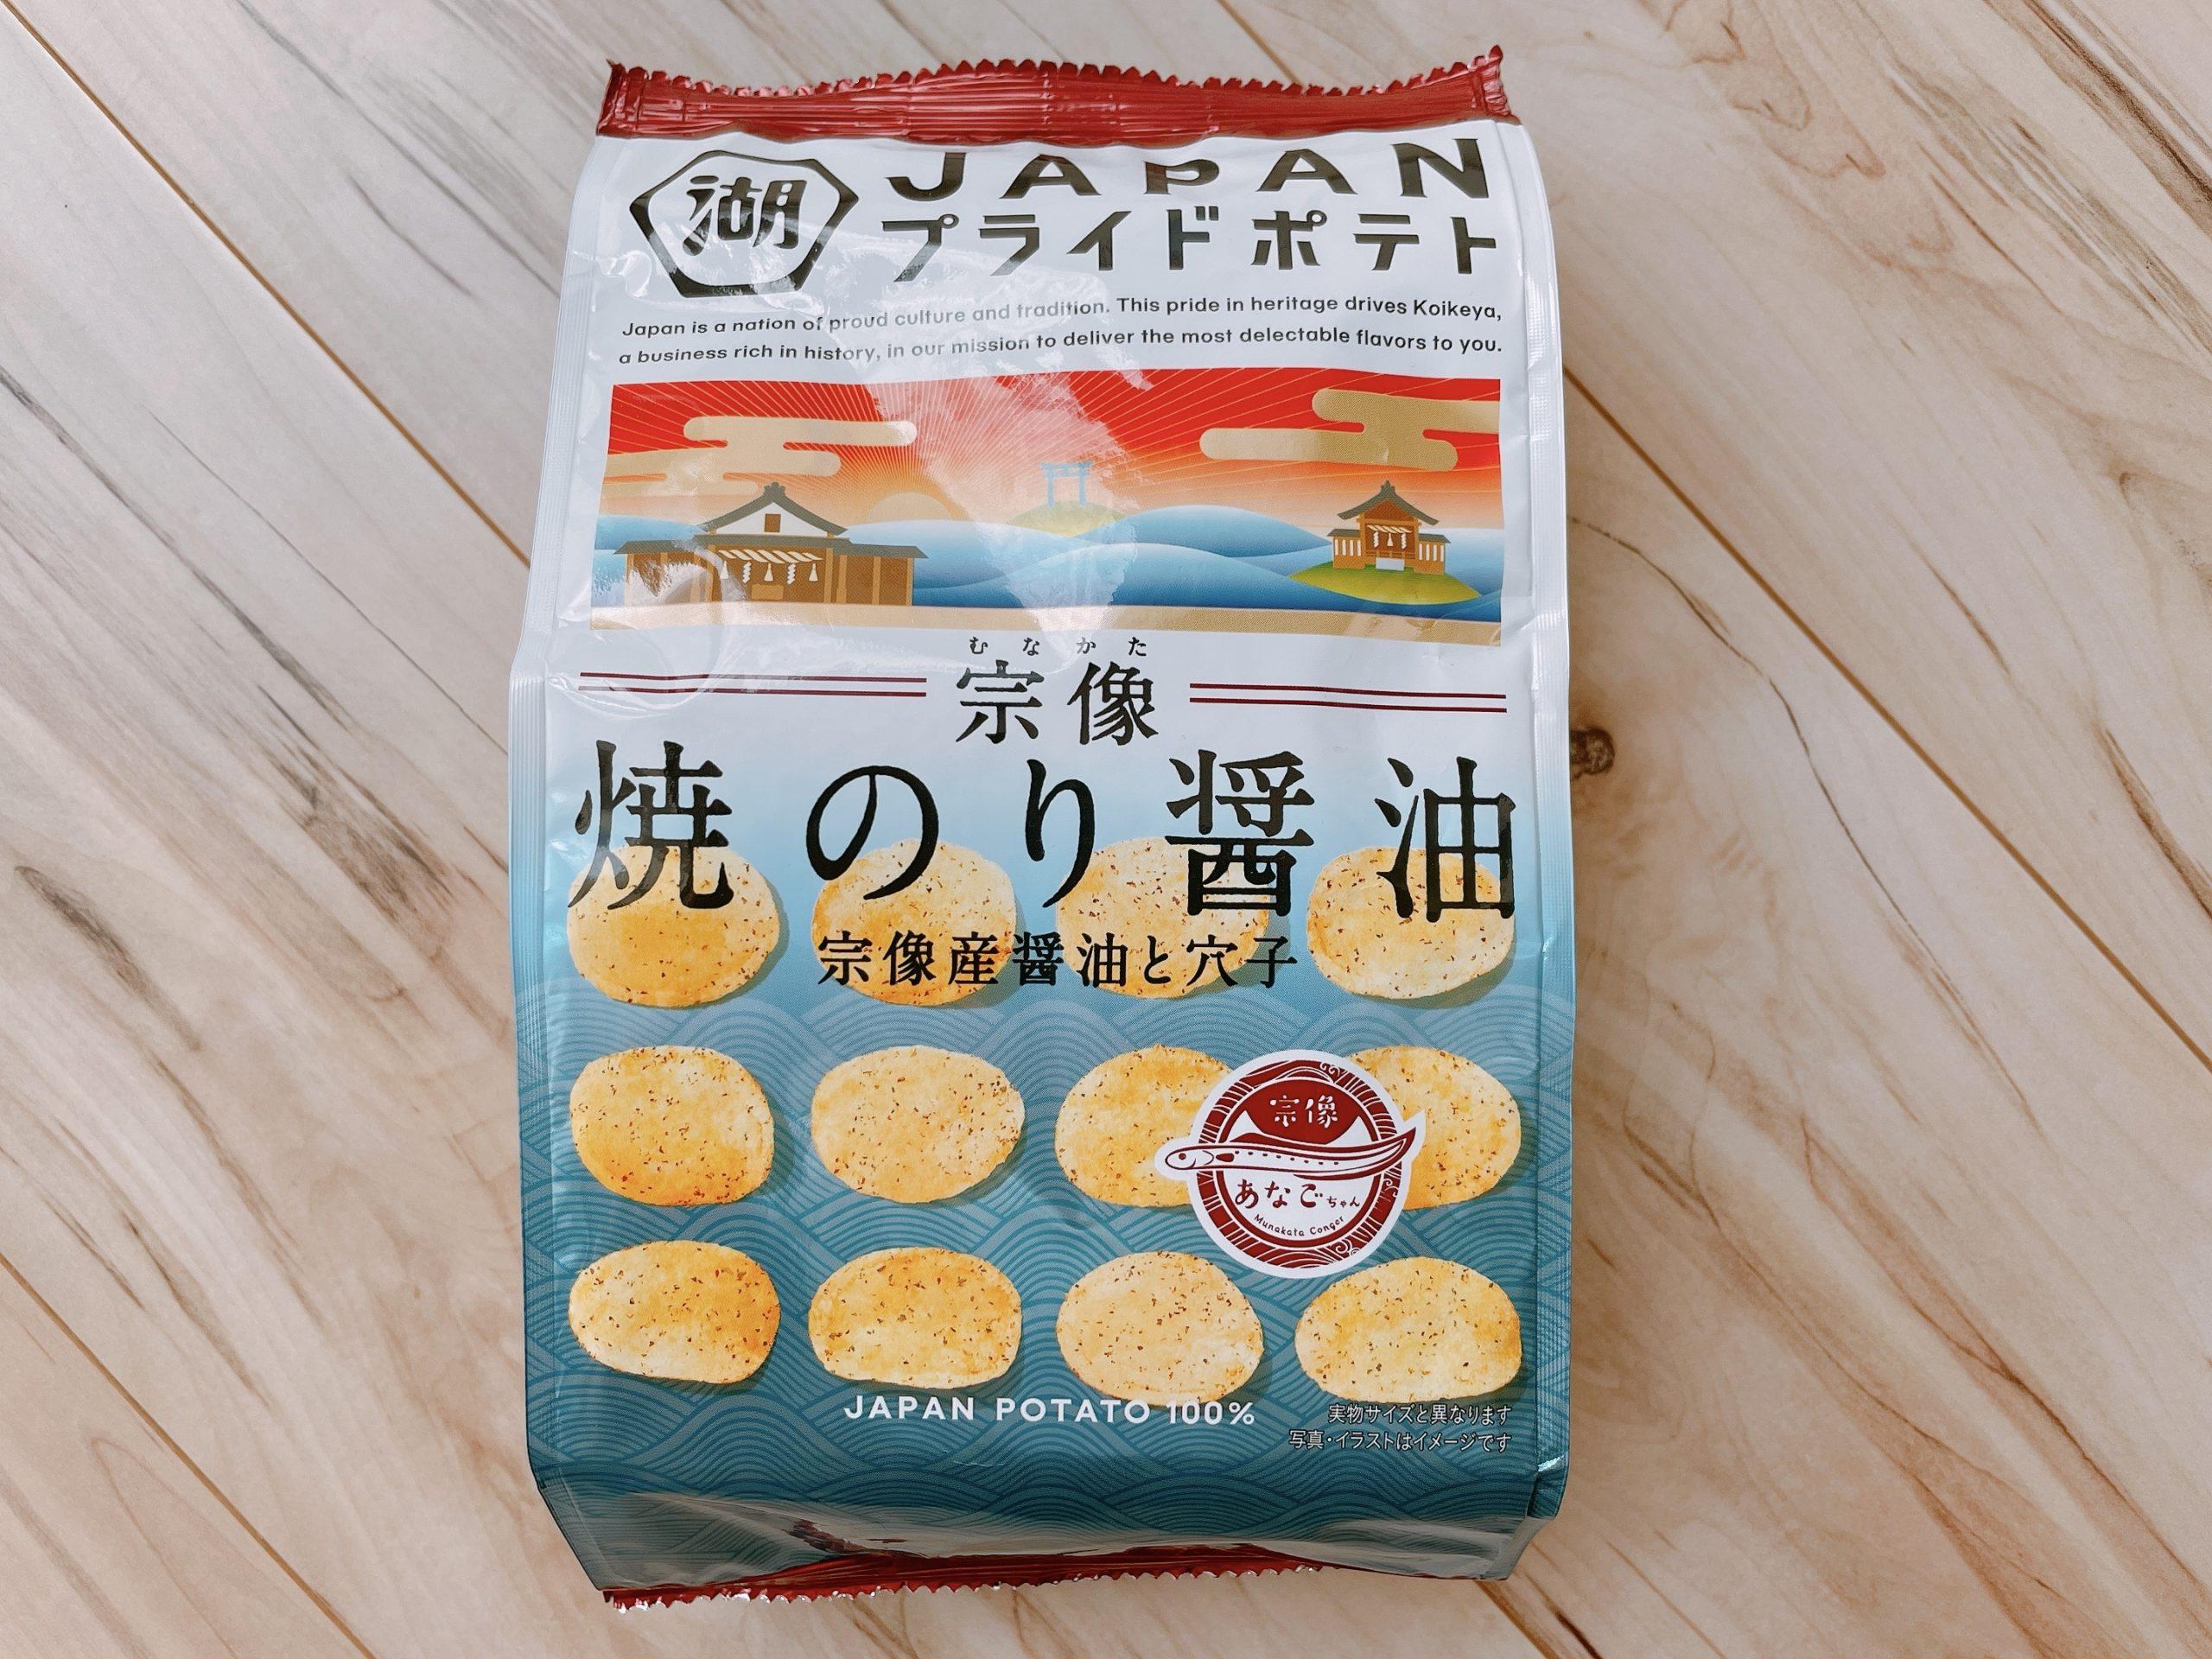 プライドポテト<焼のり醤油>のパッケージ